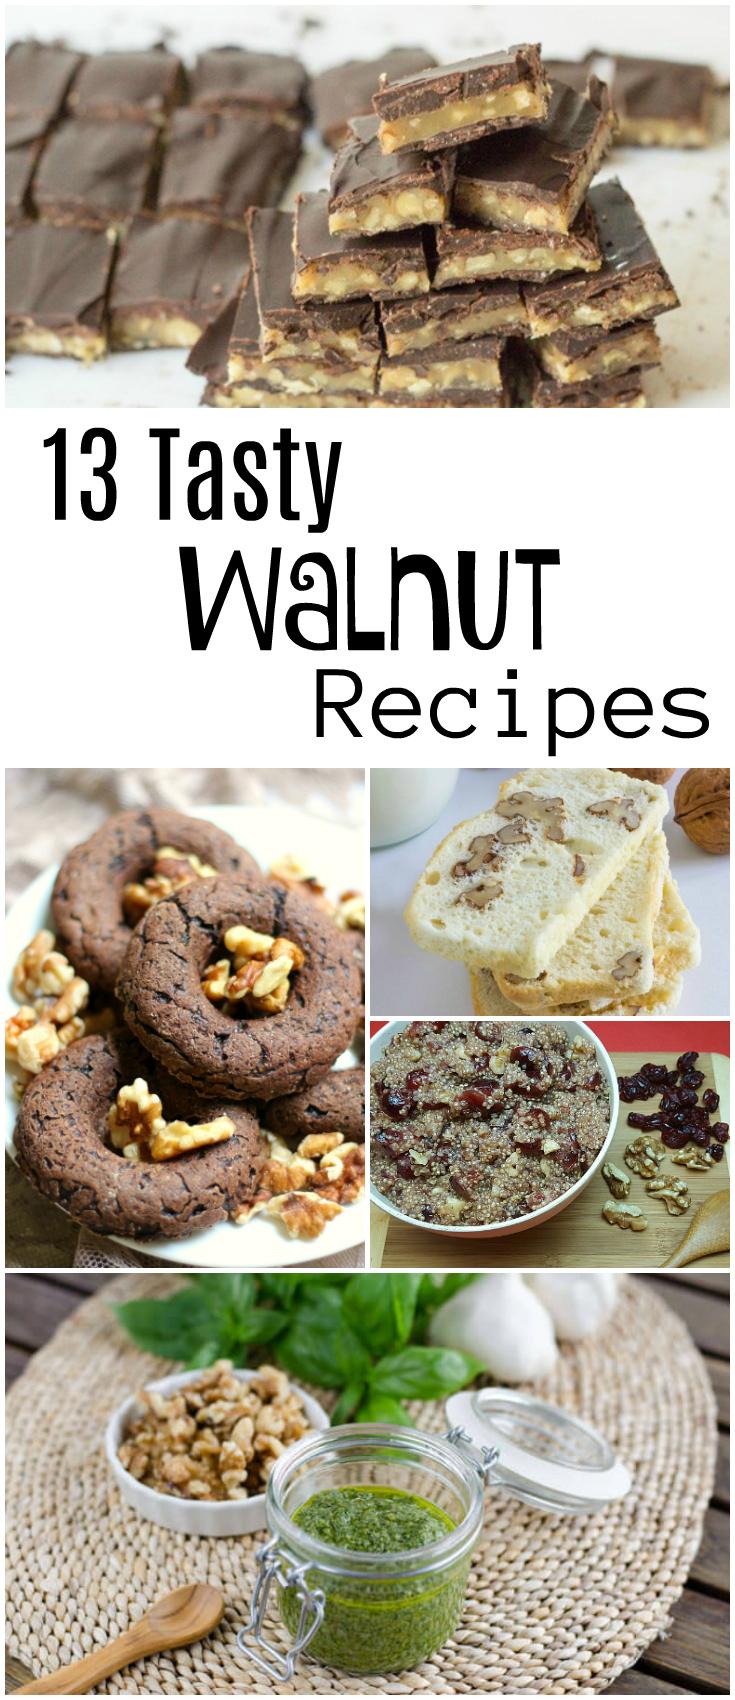 Walnut Farm Tour and 13 Tasty Walnut Recipes